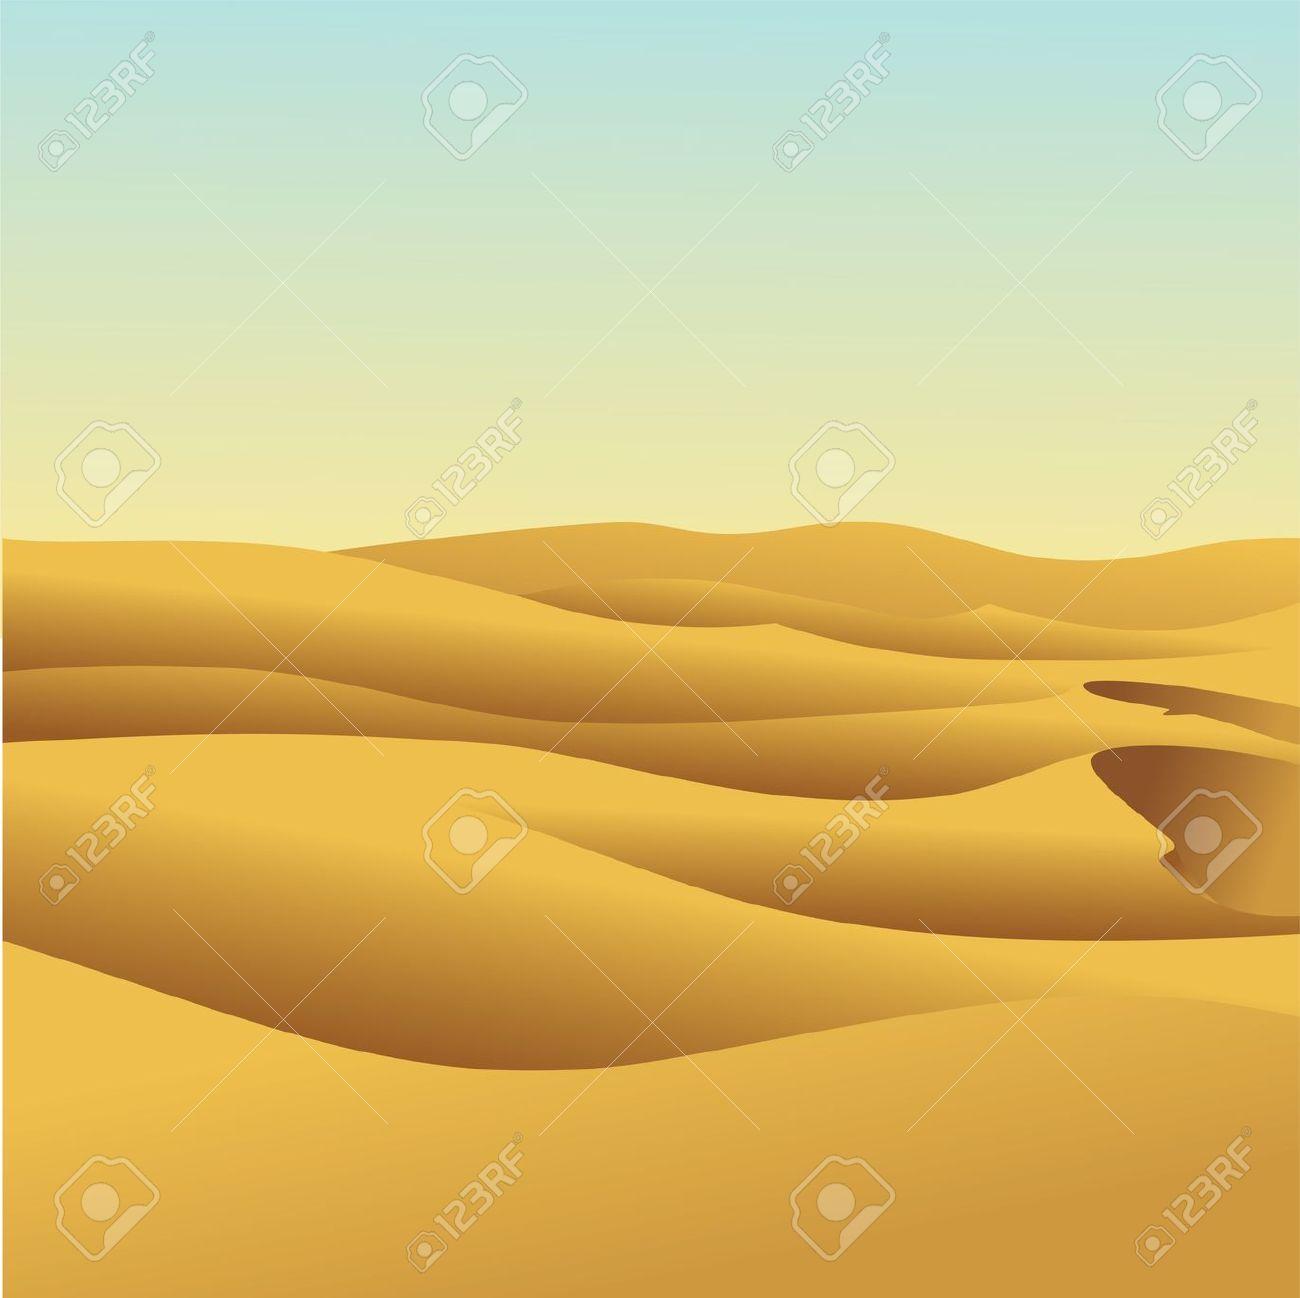 desert landscape: Sand dune.